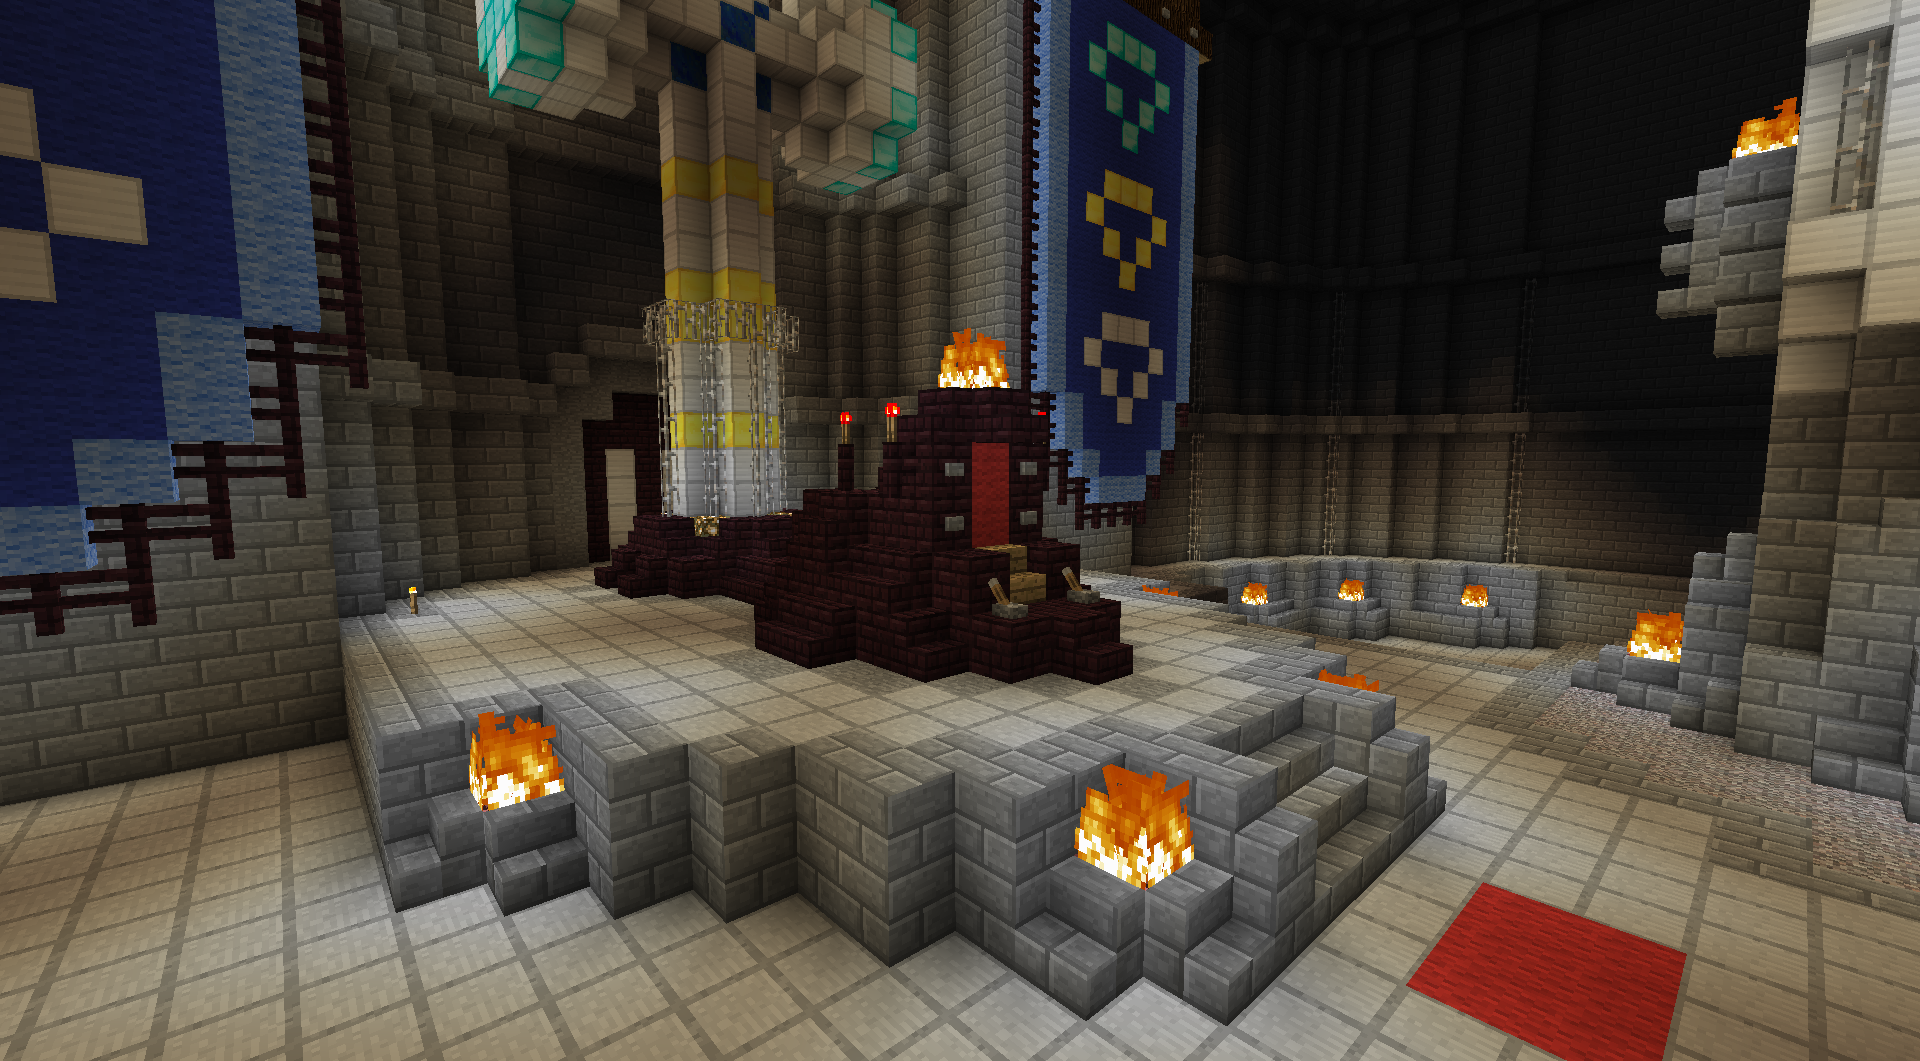 Minecraft Throne - All